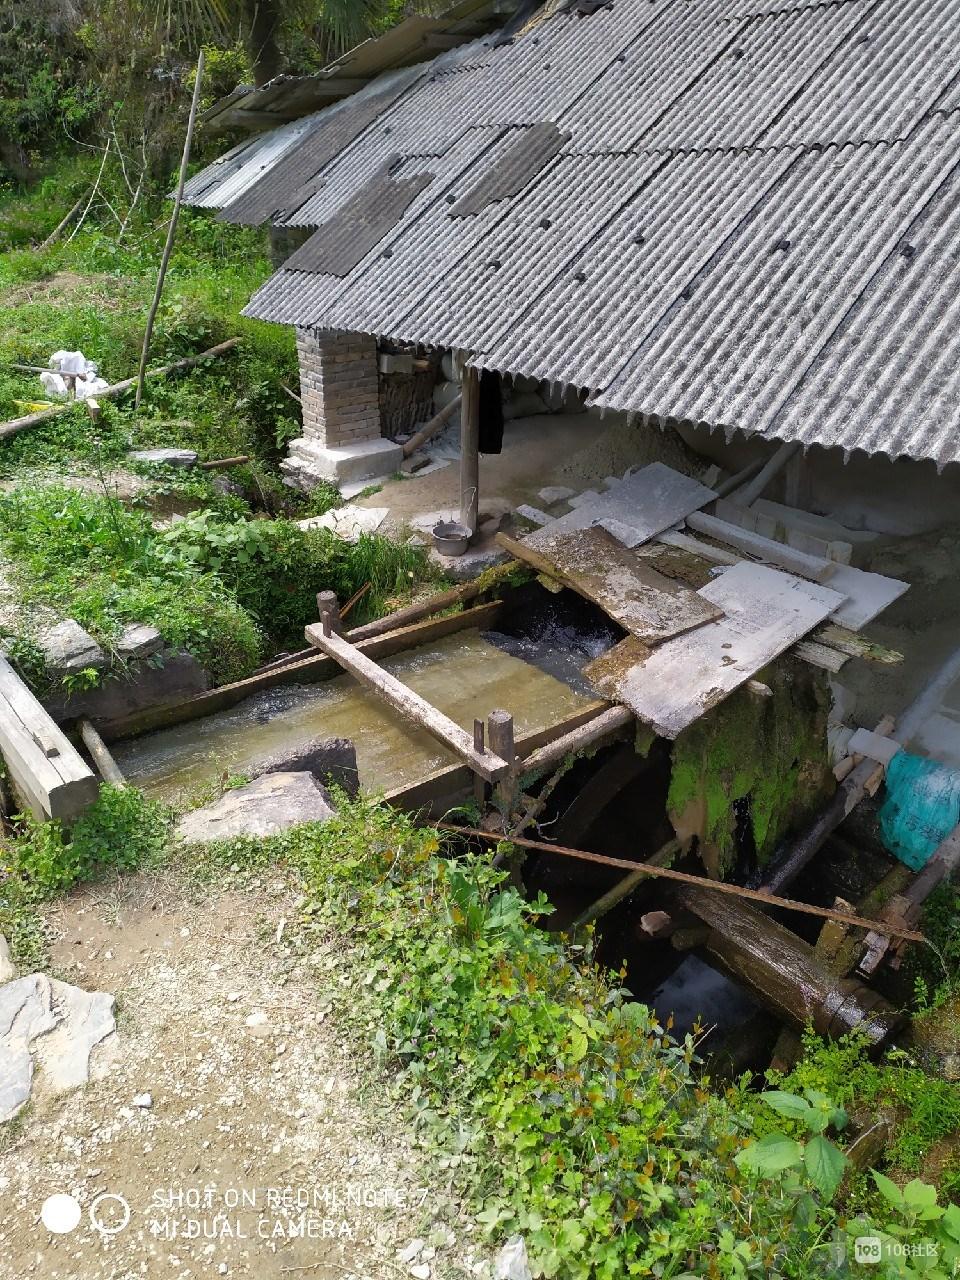 在昌江看到这门传统技术 再过几年也许就看不到了